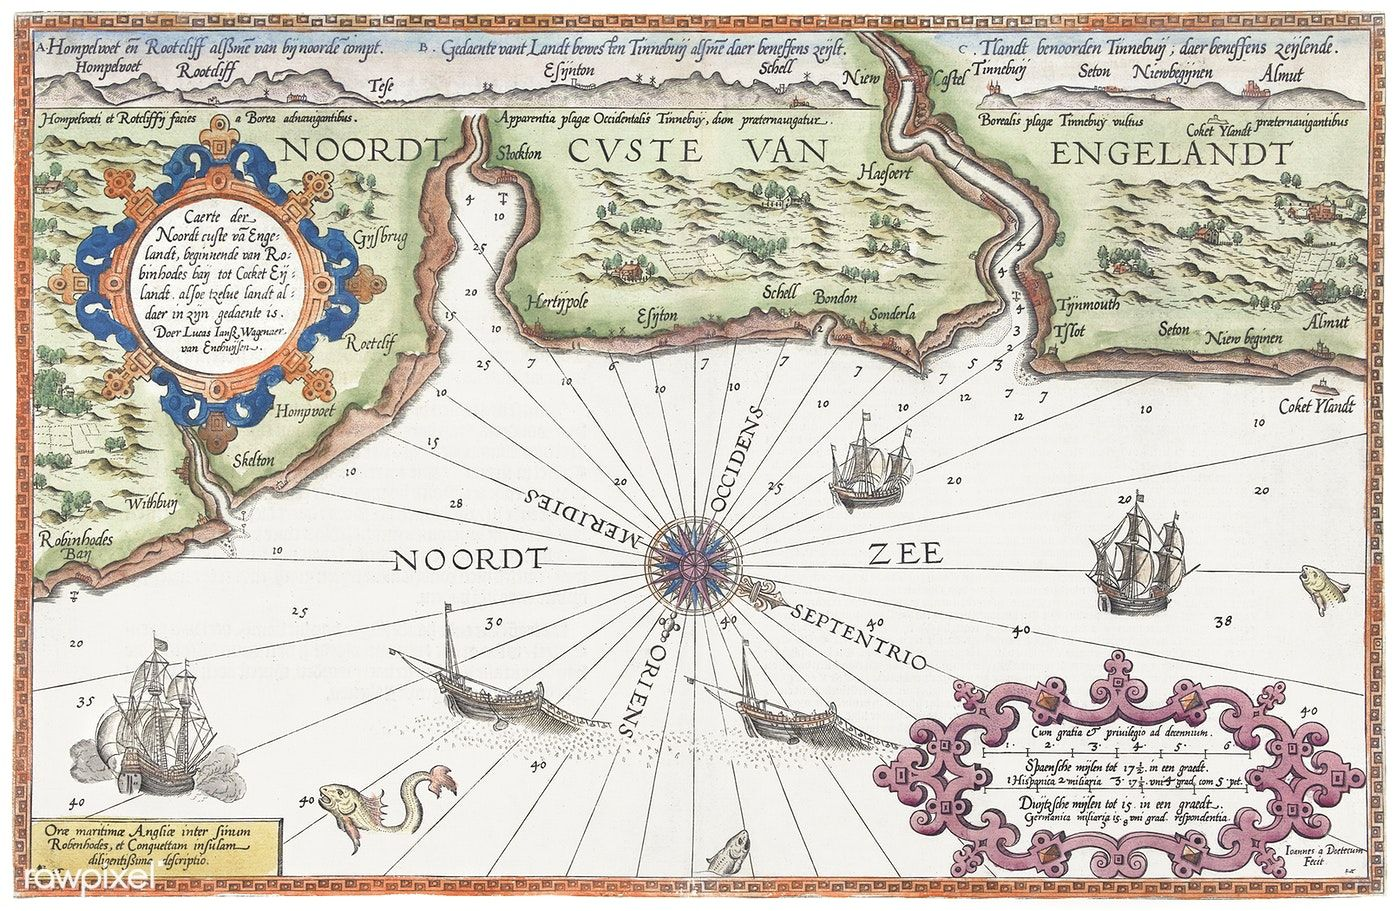 Kaart Van De Noordkust Van Engeland Bij Newcastle Upon Tyne